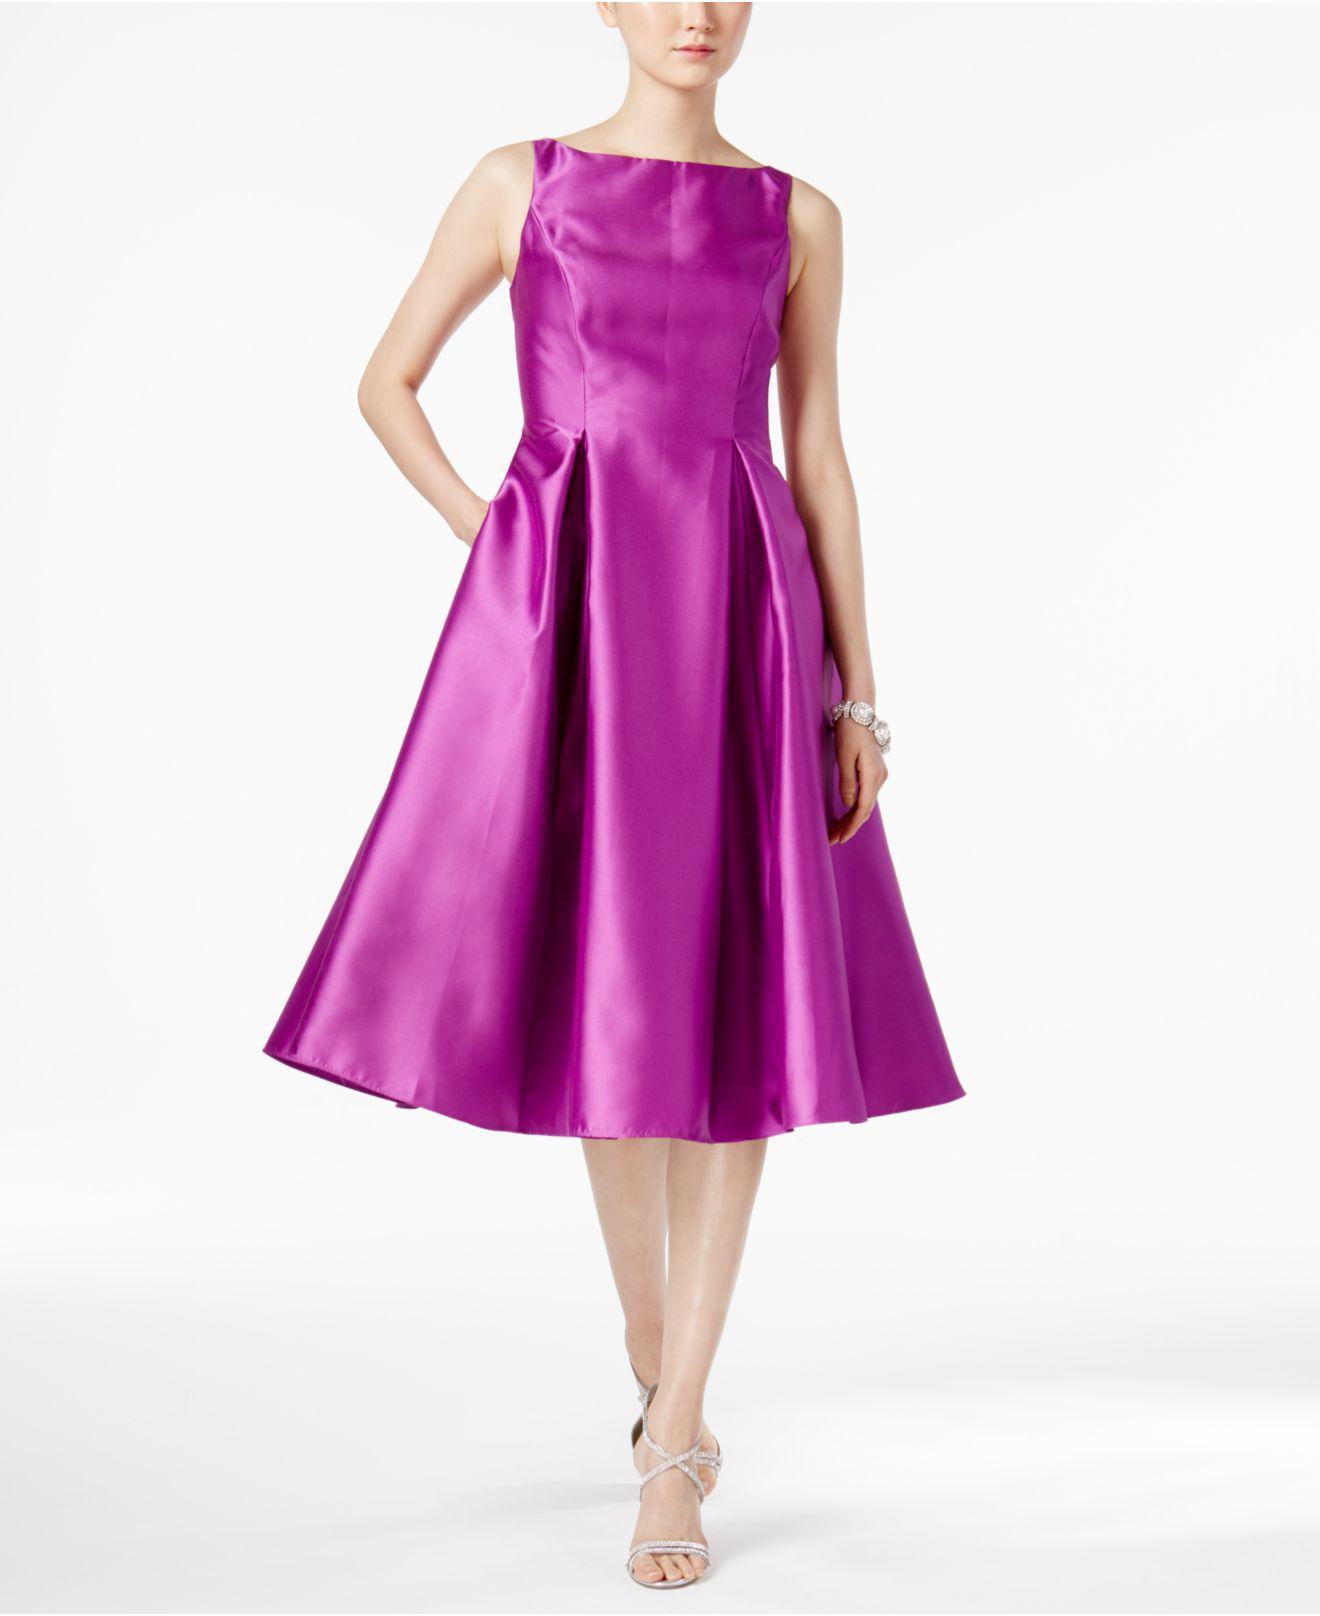 Contemporáneo Vestido De Fiesta En Dillards Componente - Colección ...